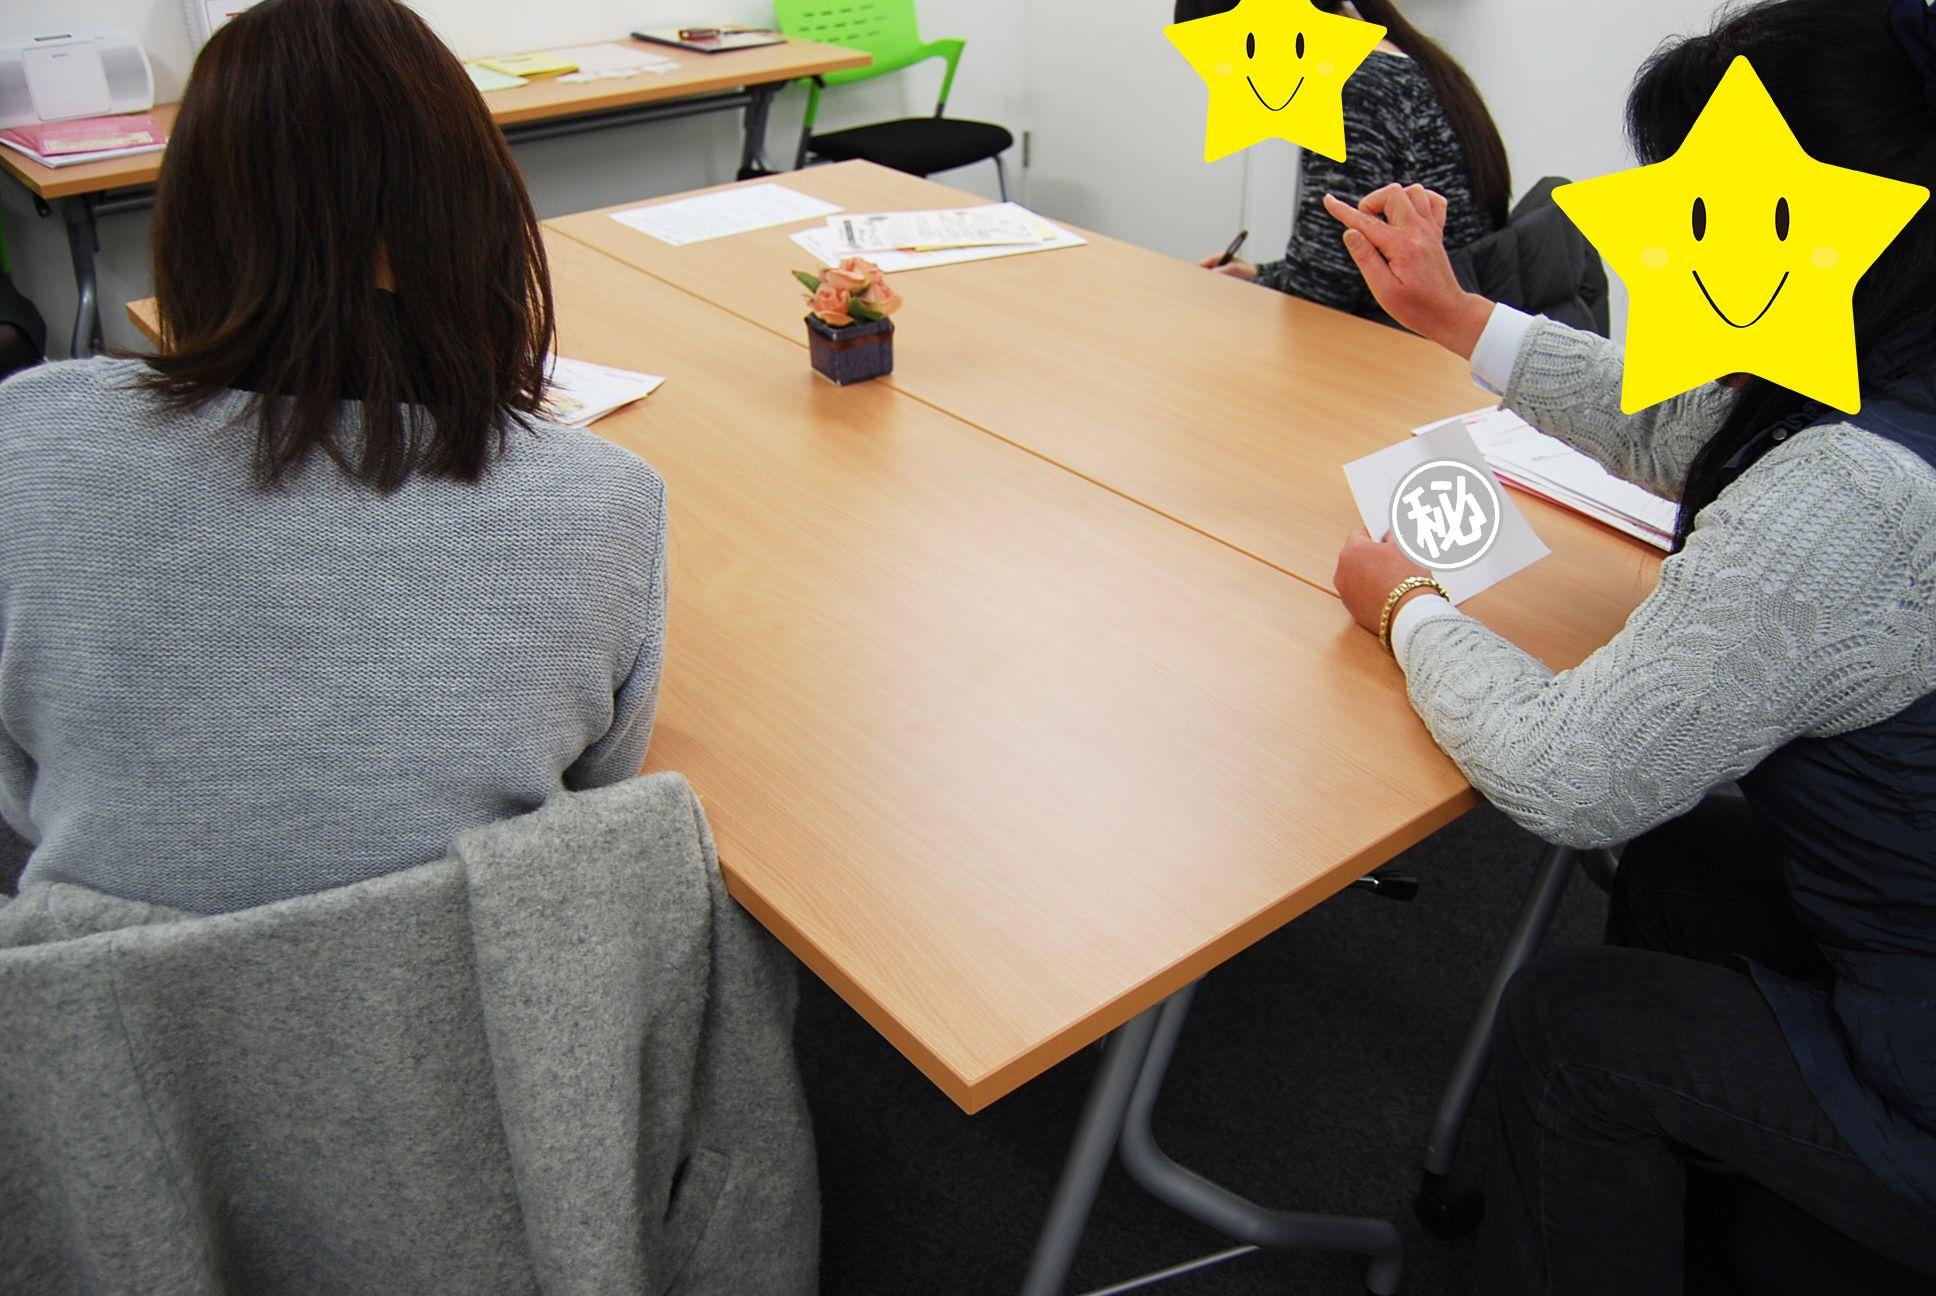 一人が紙に書かれた内容を言葉で伝えて、二人が聞き取った内容を紙に再現しています。